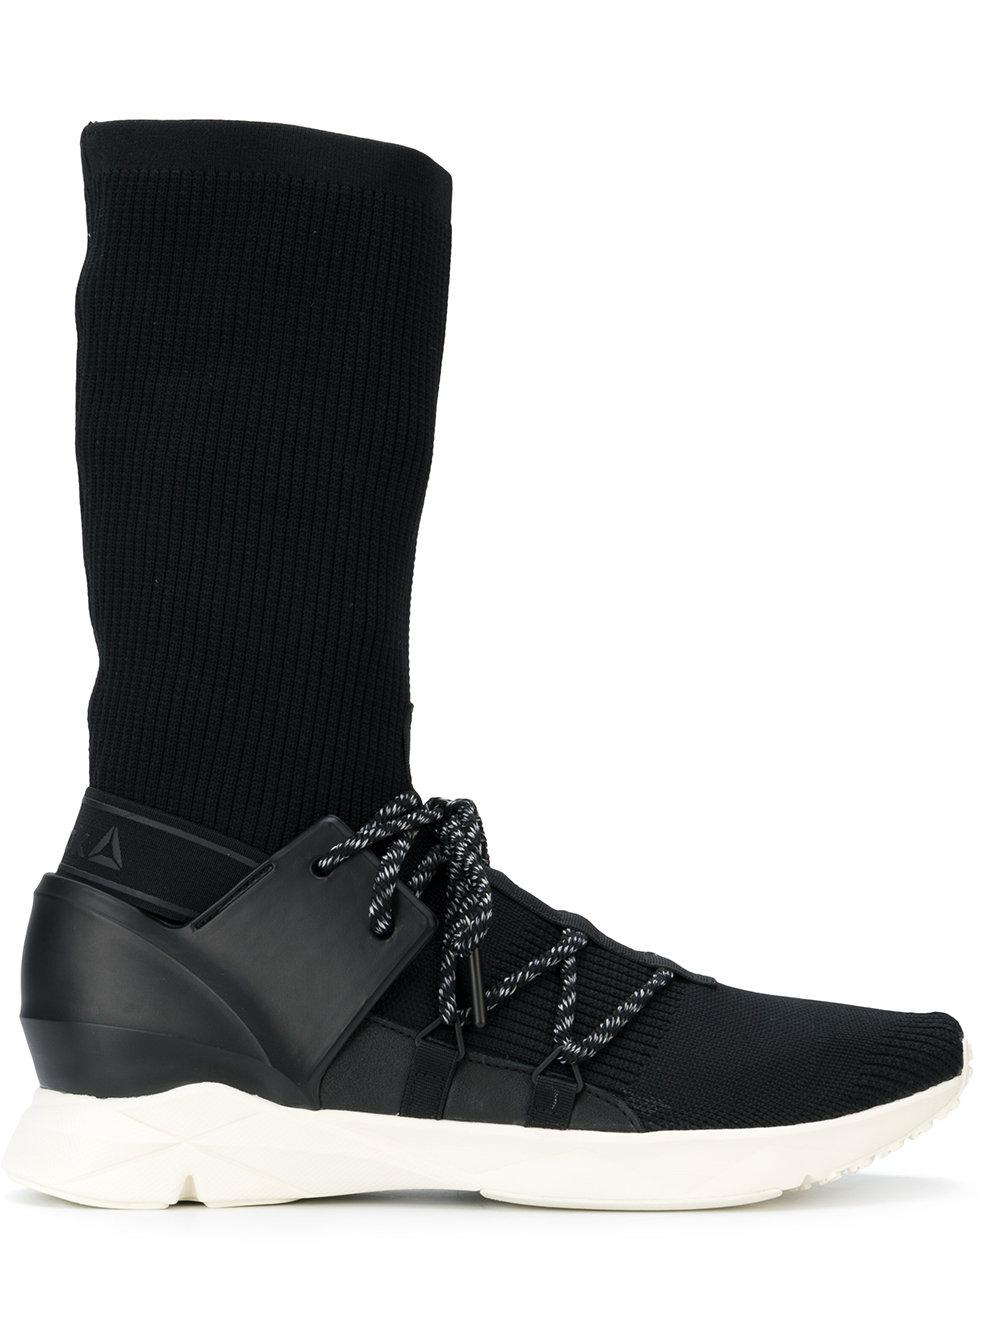 Reebok sock runner sneakers